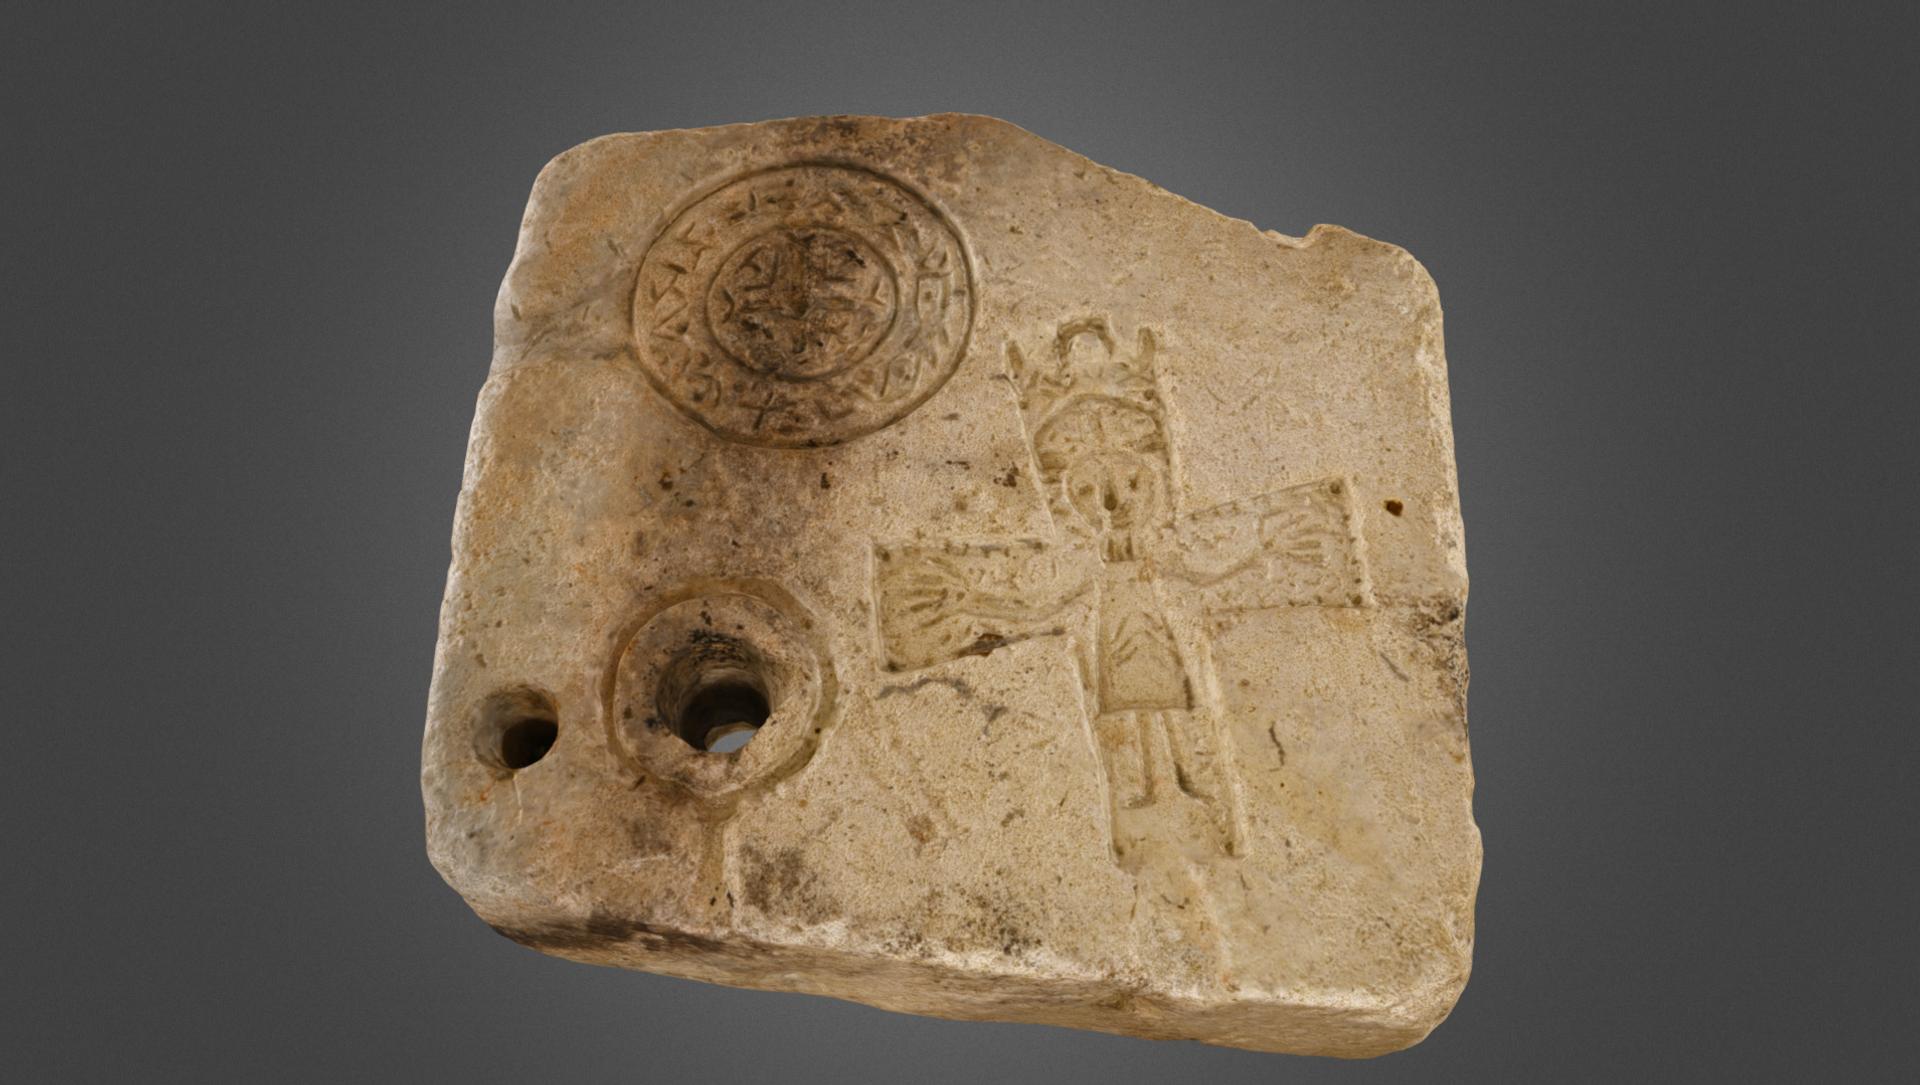 Archeologi trovano uno stampo per gioielli cristiani vecchio 1.000 anni - Sputnik Italia, 1920, 27.03.2021